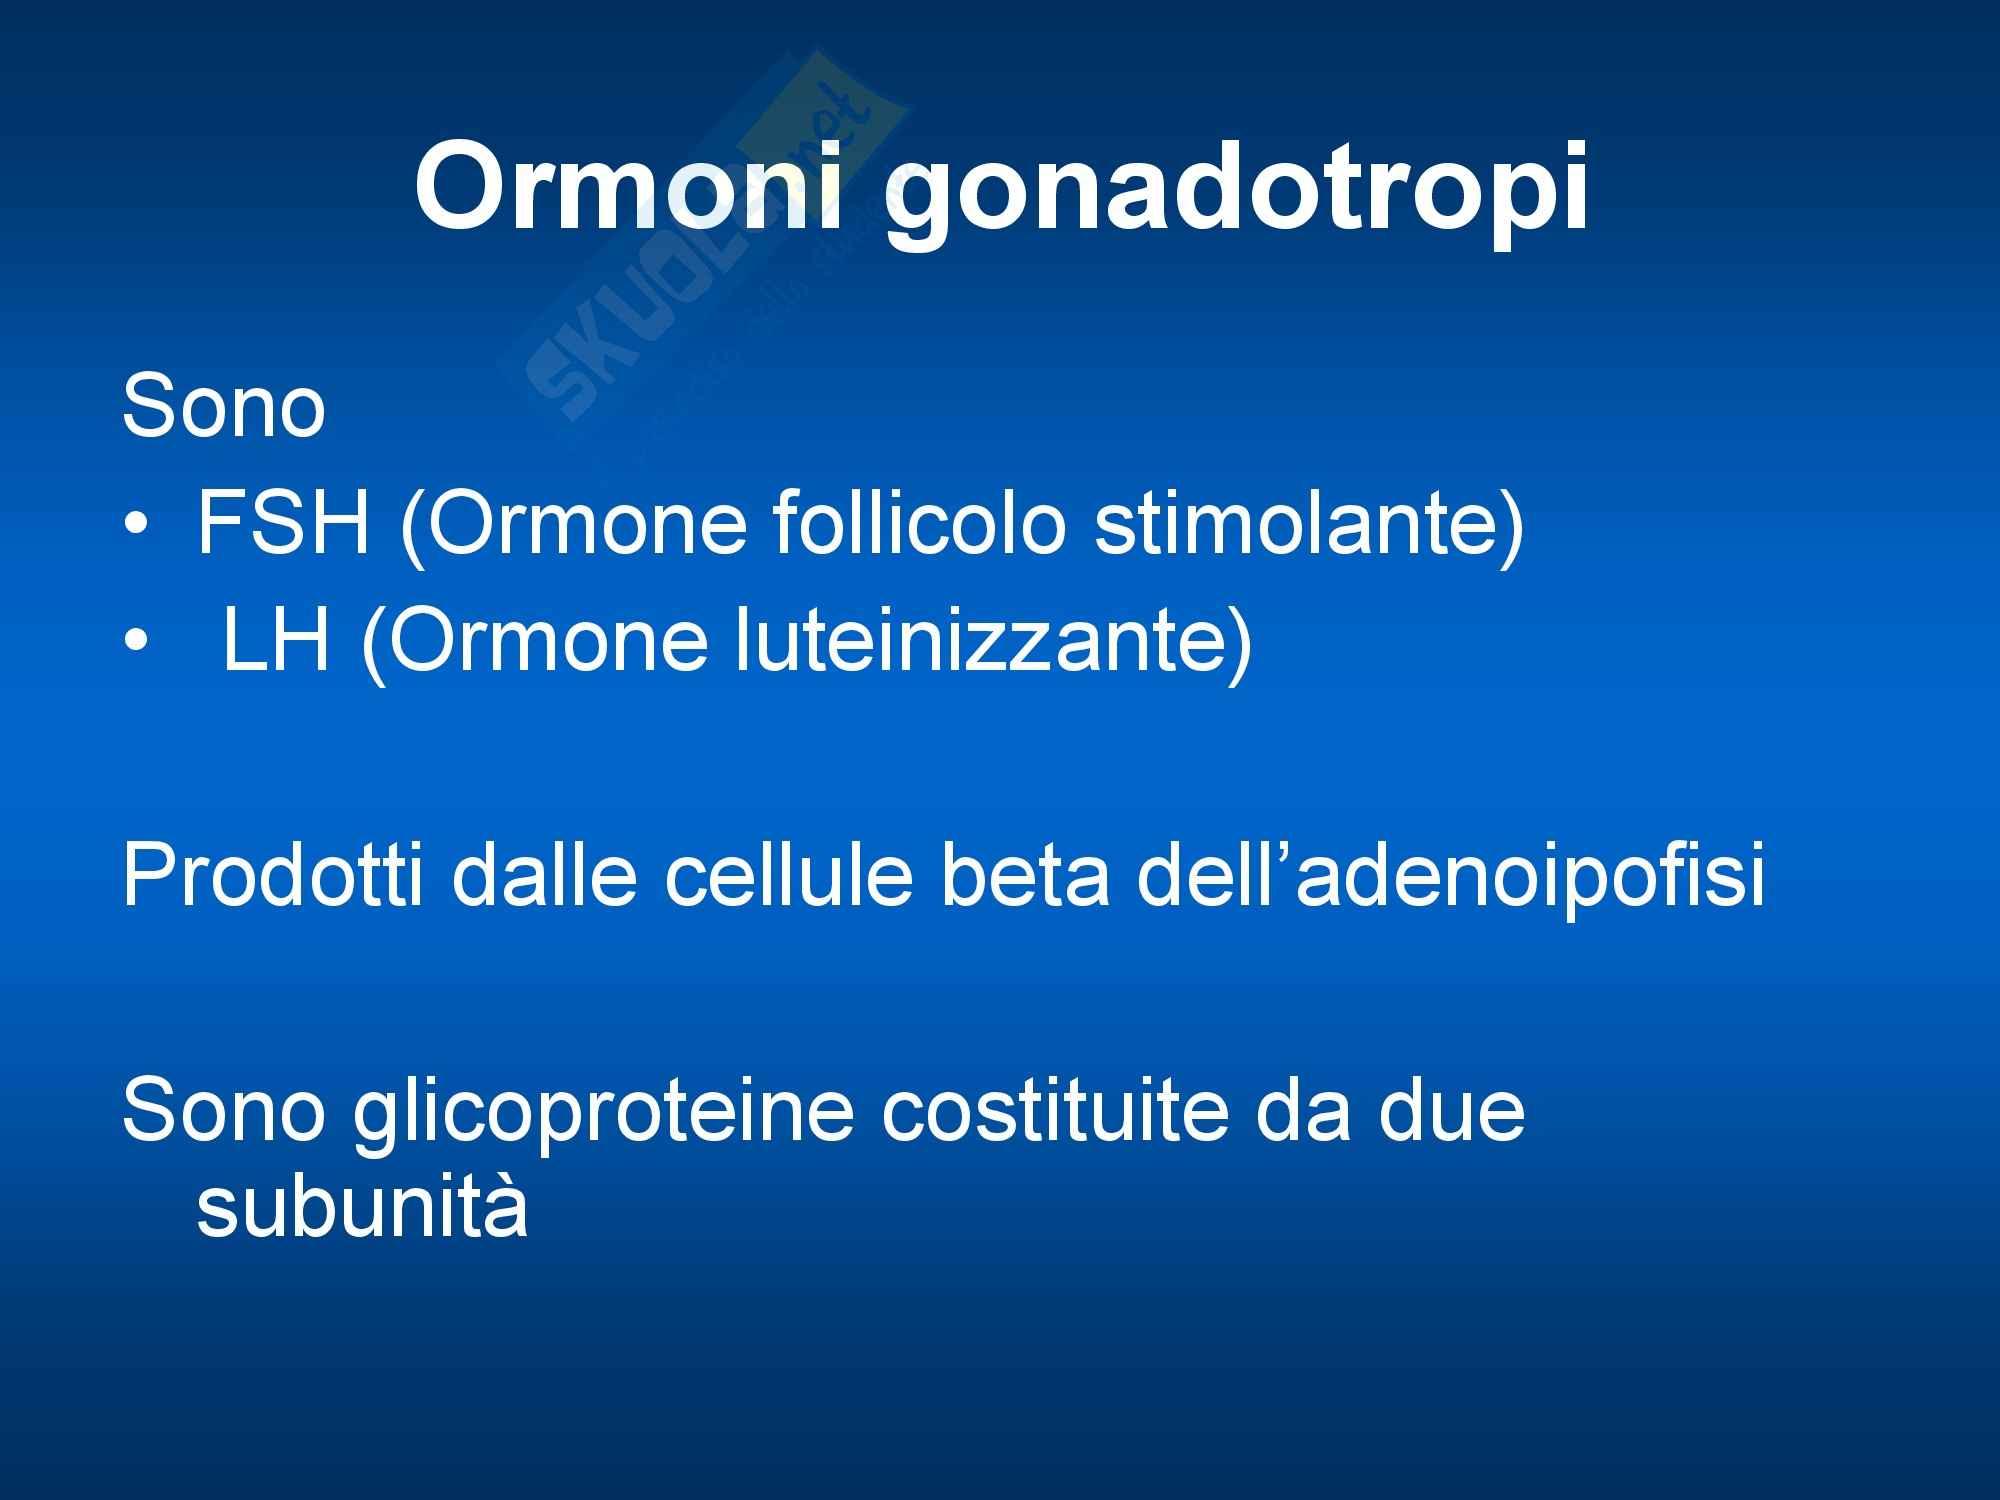 appunto M. Cignarelli Endocrinologia